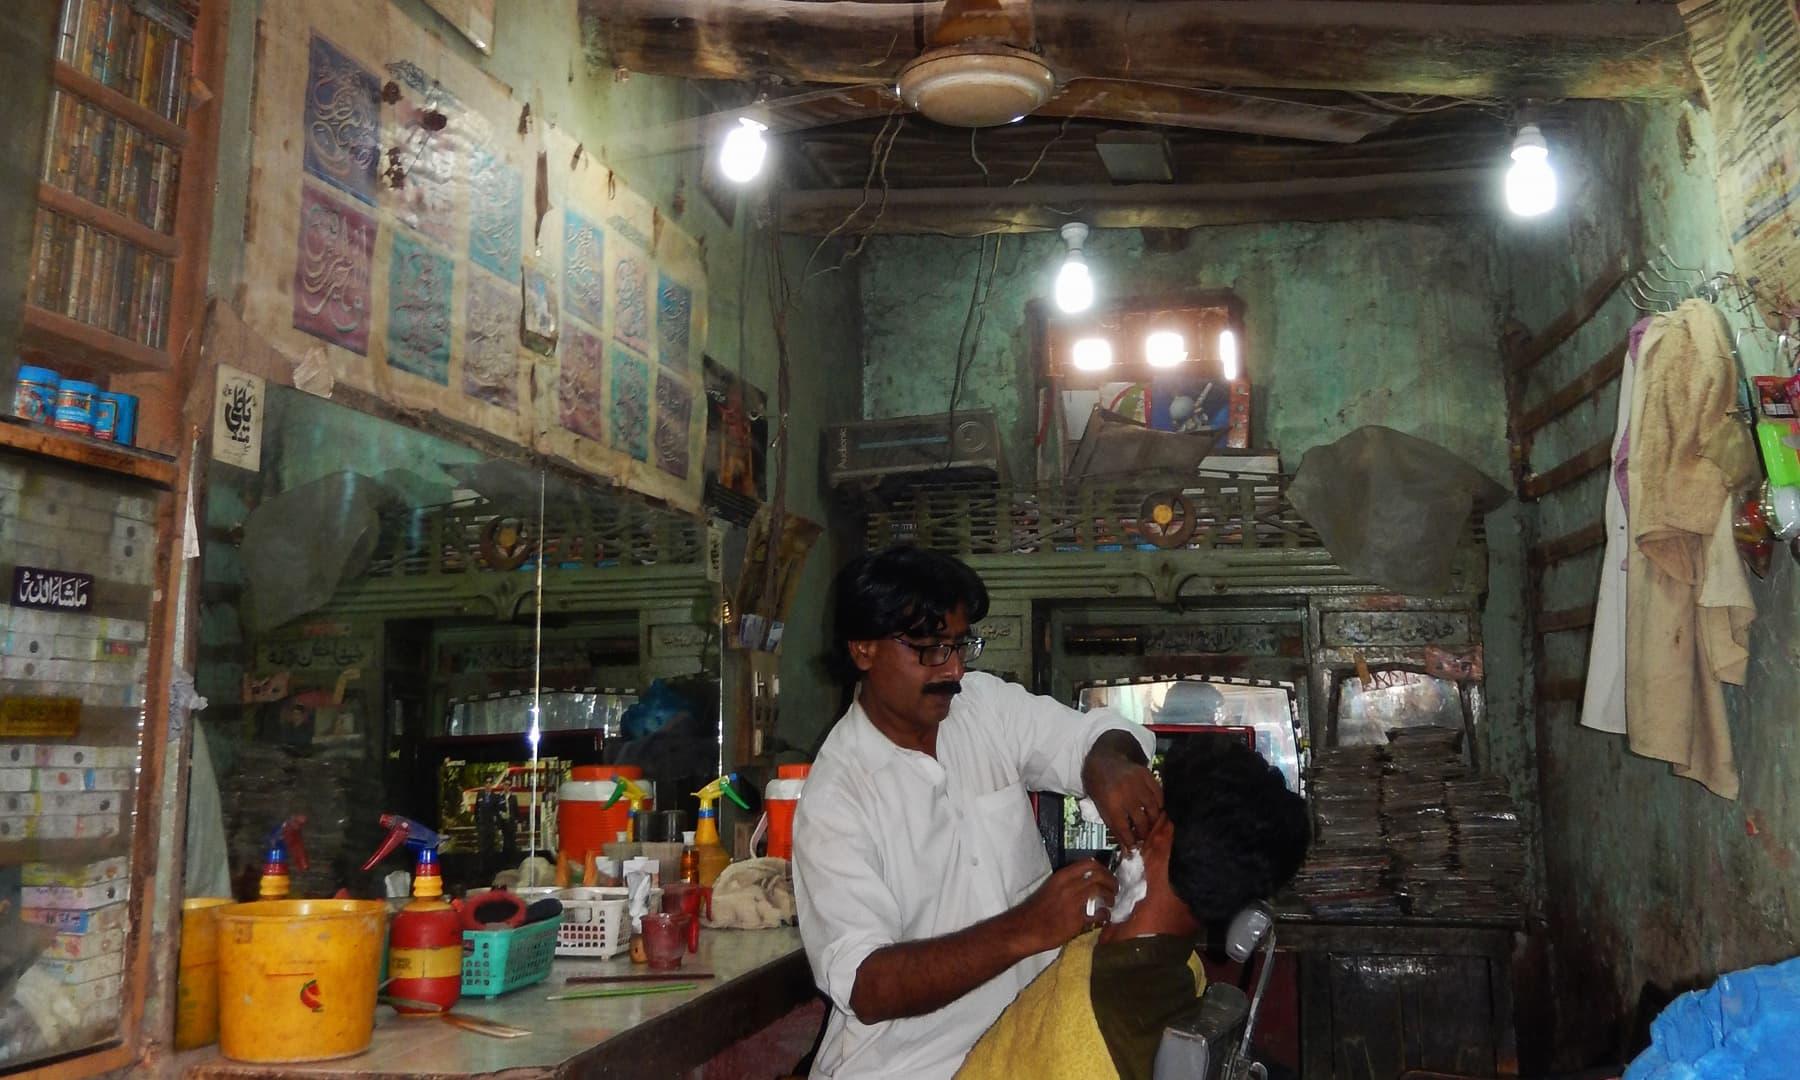 جھرک کی بازار میں واقع نائی کی دکان — تصویر ابوبکر شیخ